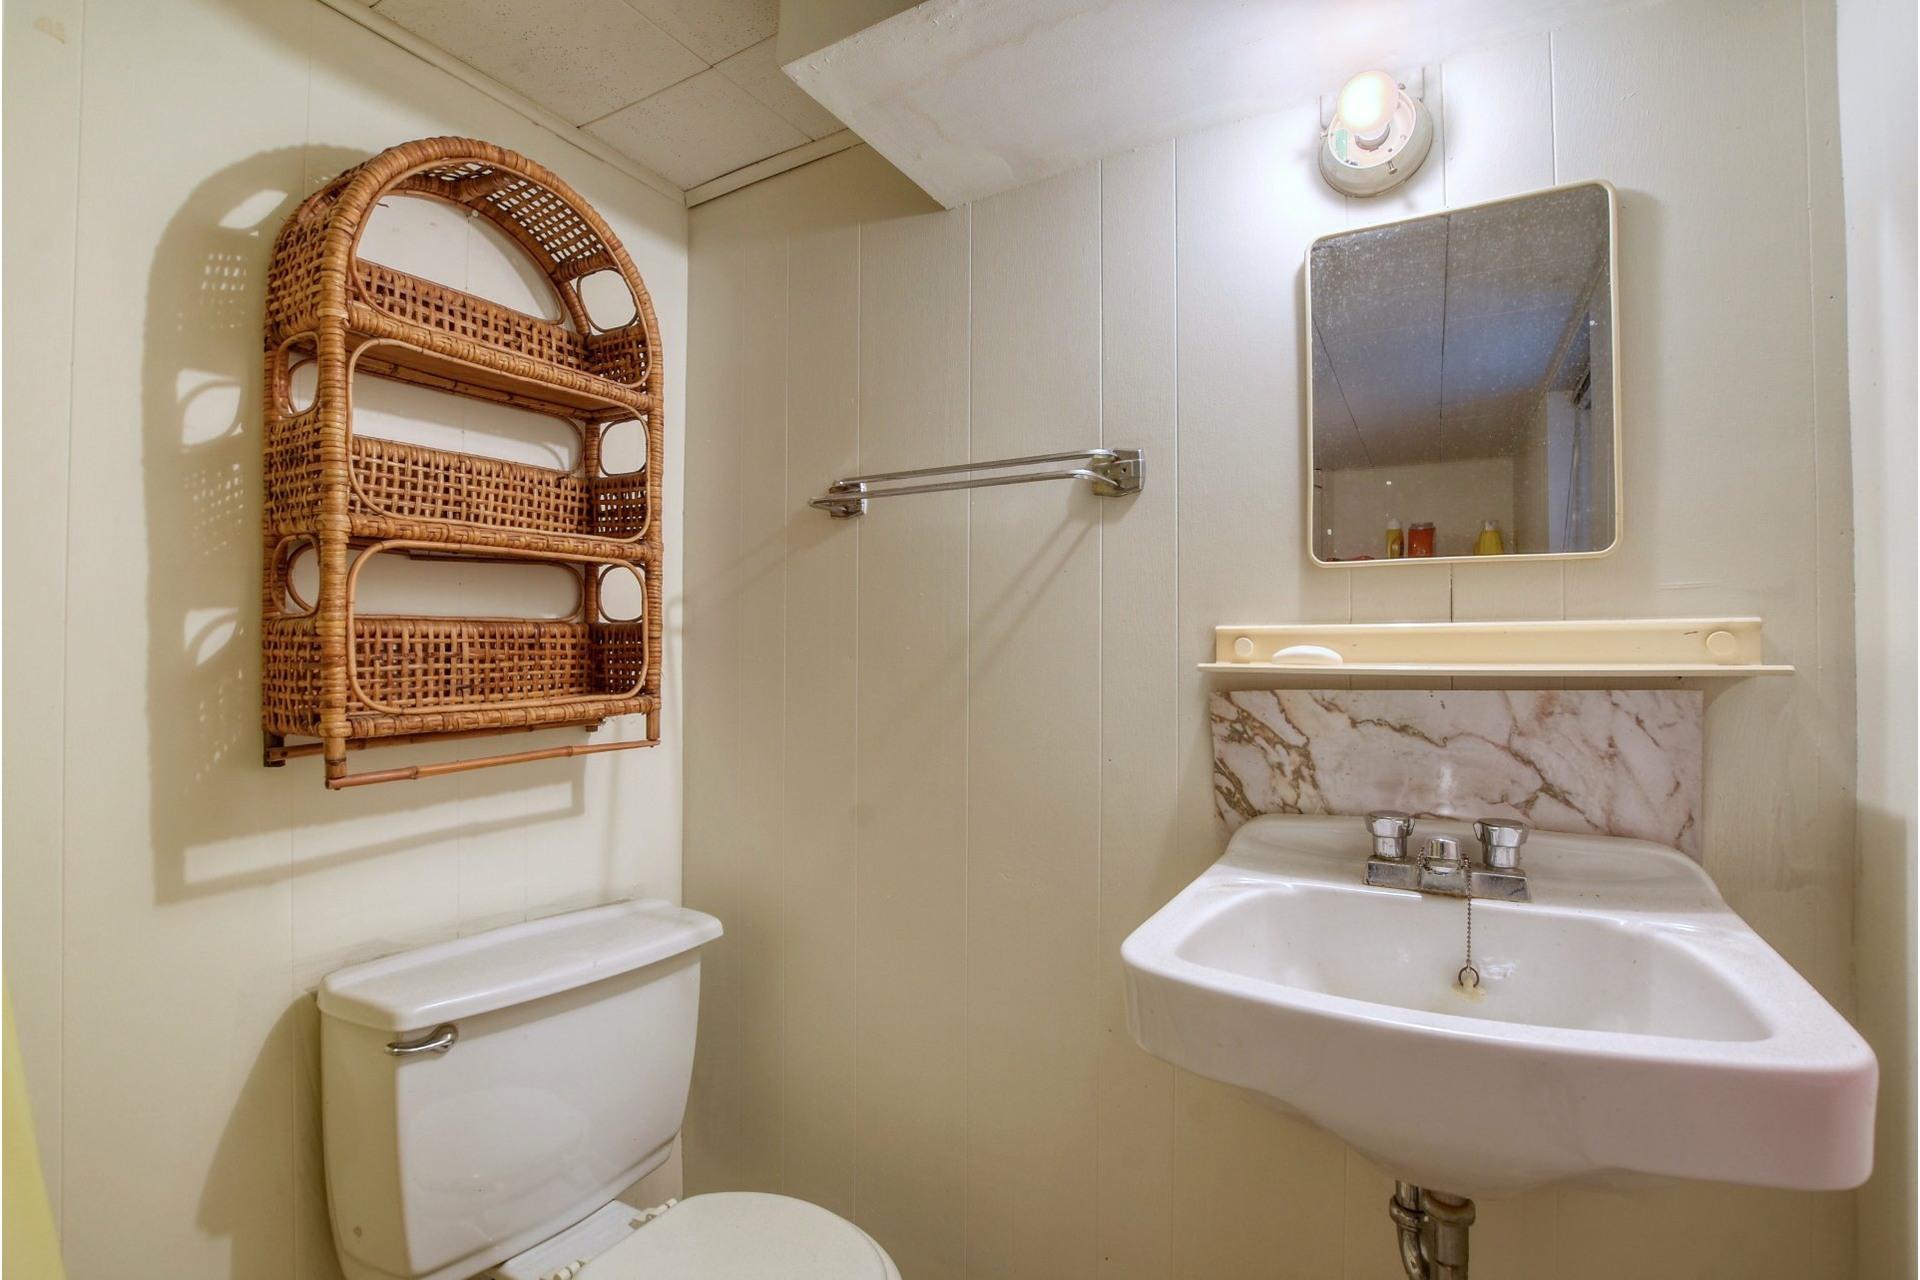 image 15 - Duplex For sale Côte-des-Neiges/Notre-Dame-de-Grâce Montréal  - 8 rooms